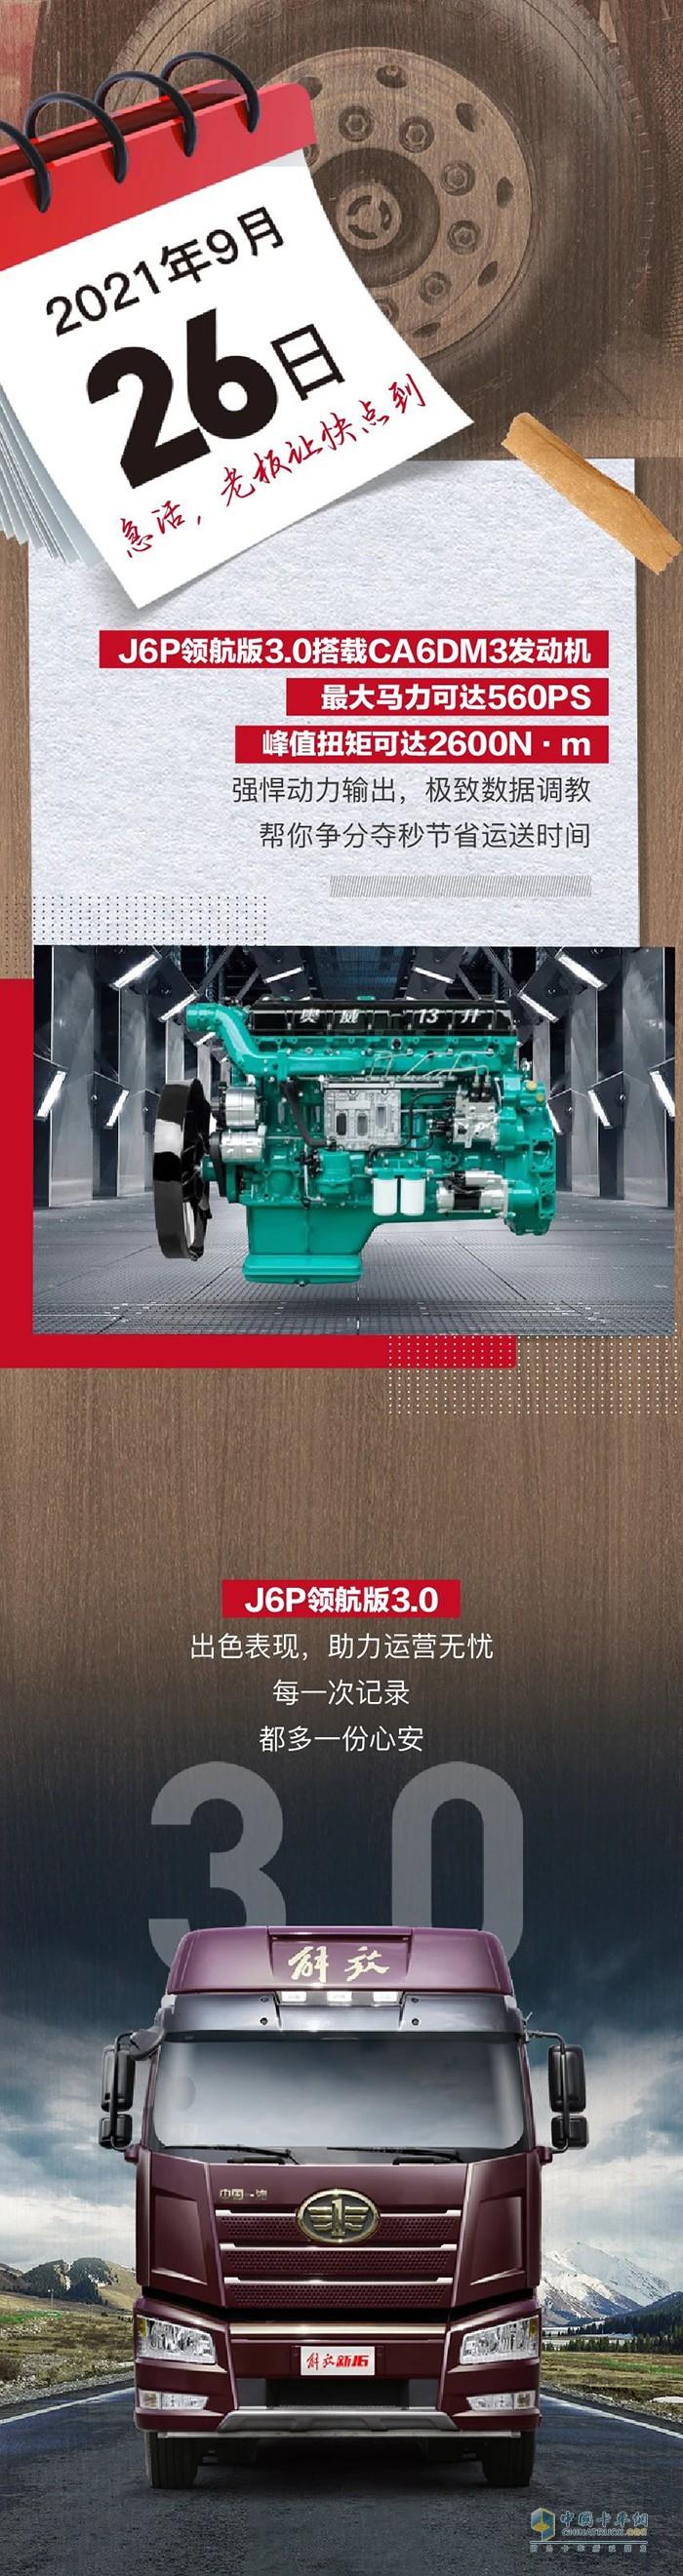 一汽解放,解放J6P,牵引车